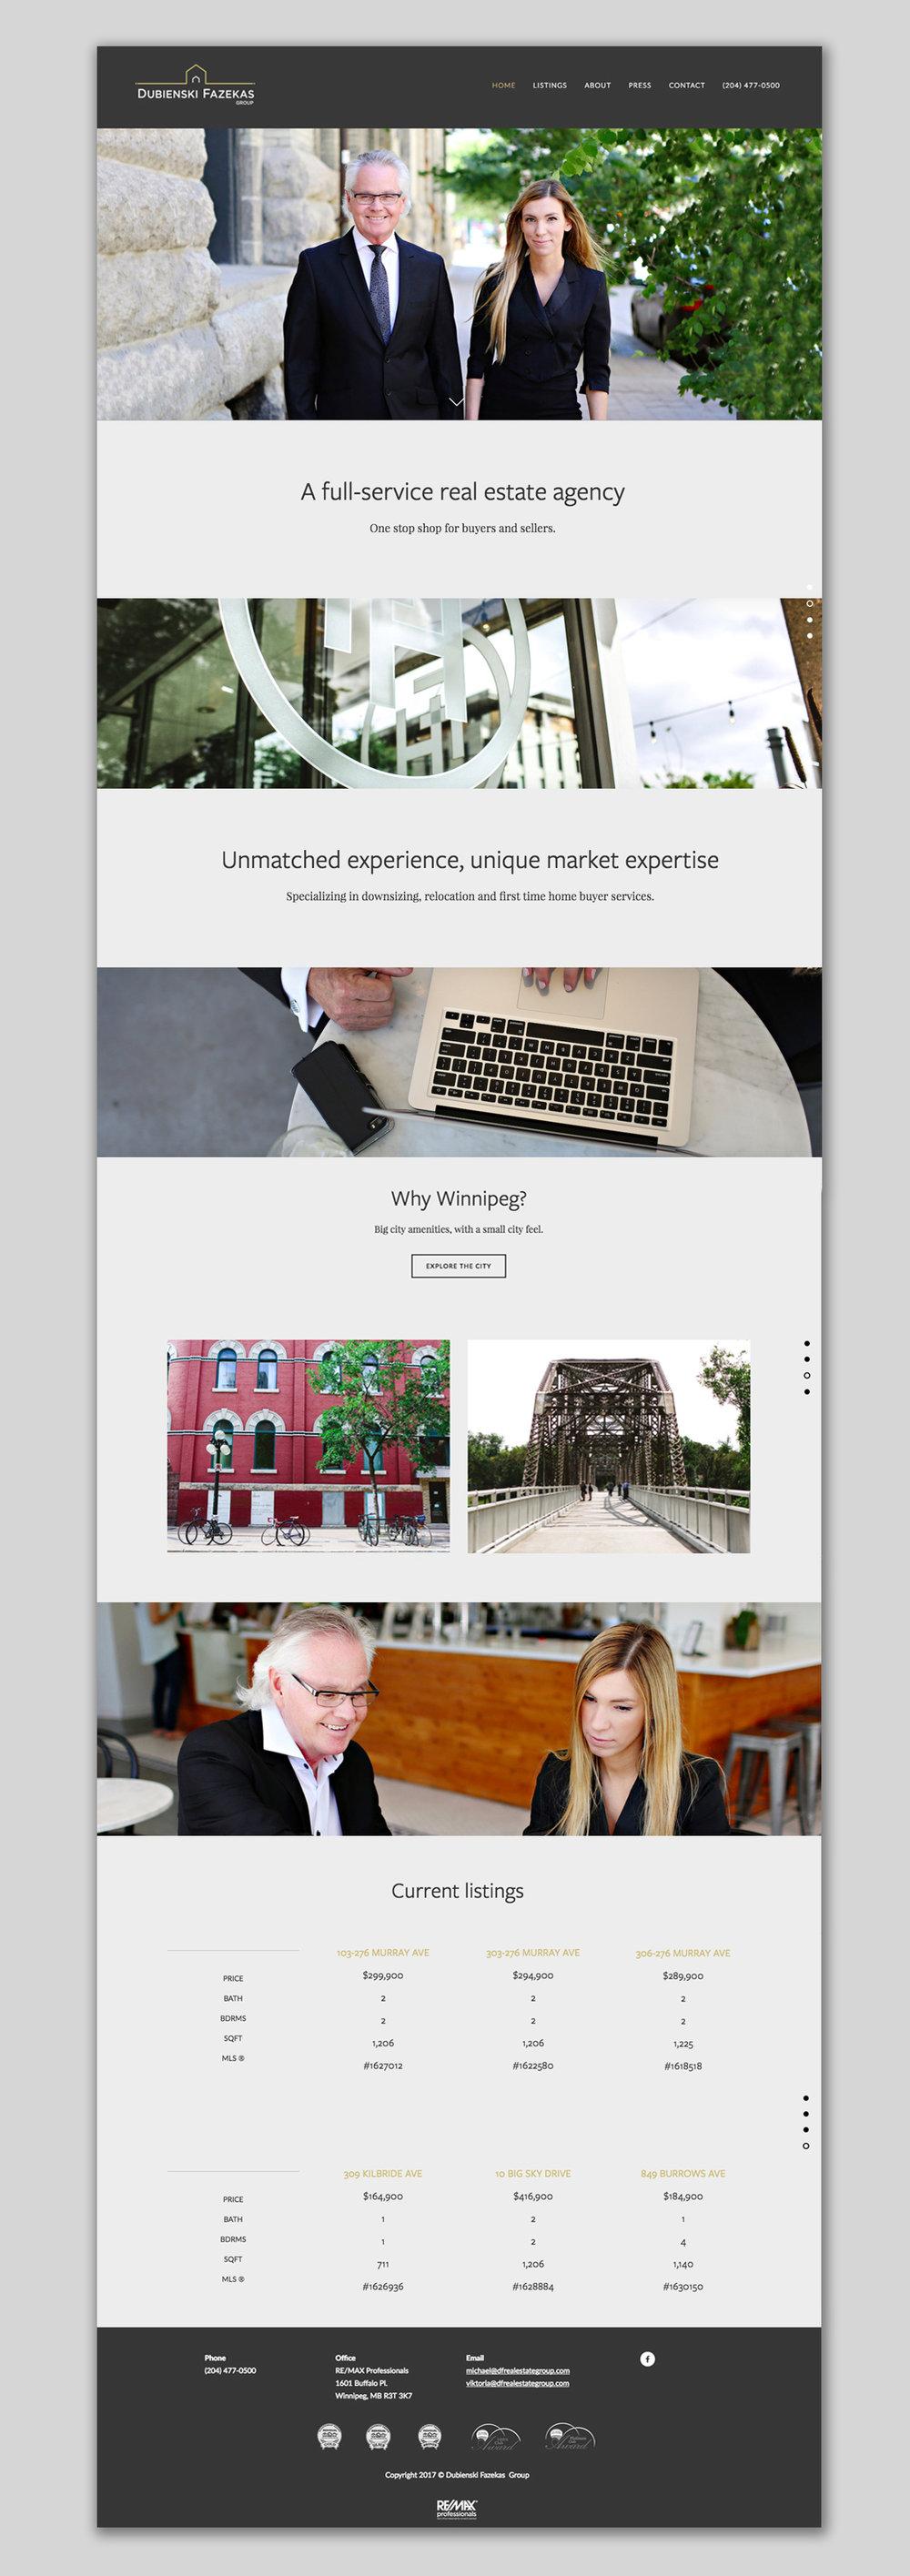 DubienskiFazekas-website-mockup.jpg